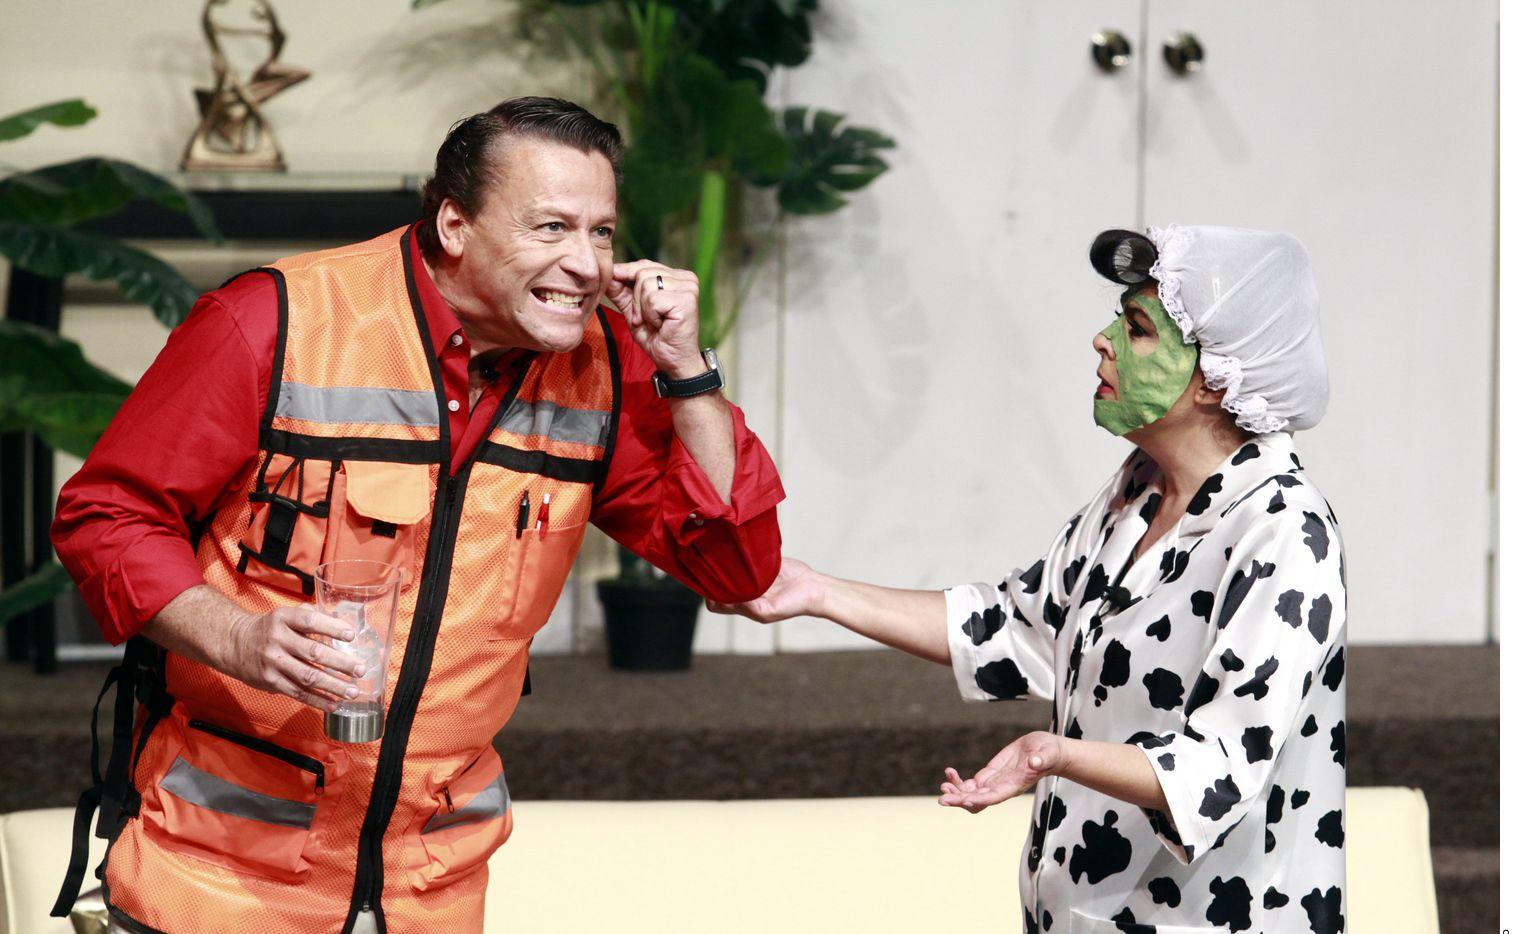 El actor Alfredo Adame (izq.) dio una entrevista para el programa El Gordo y la Flaca, en donde le tiró a su colega Laura Zapata ahora que ella se postuló para ser líder de la ANDI, el sindicato de actores de México. (AGENCIA REFORMA)